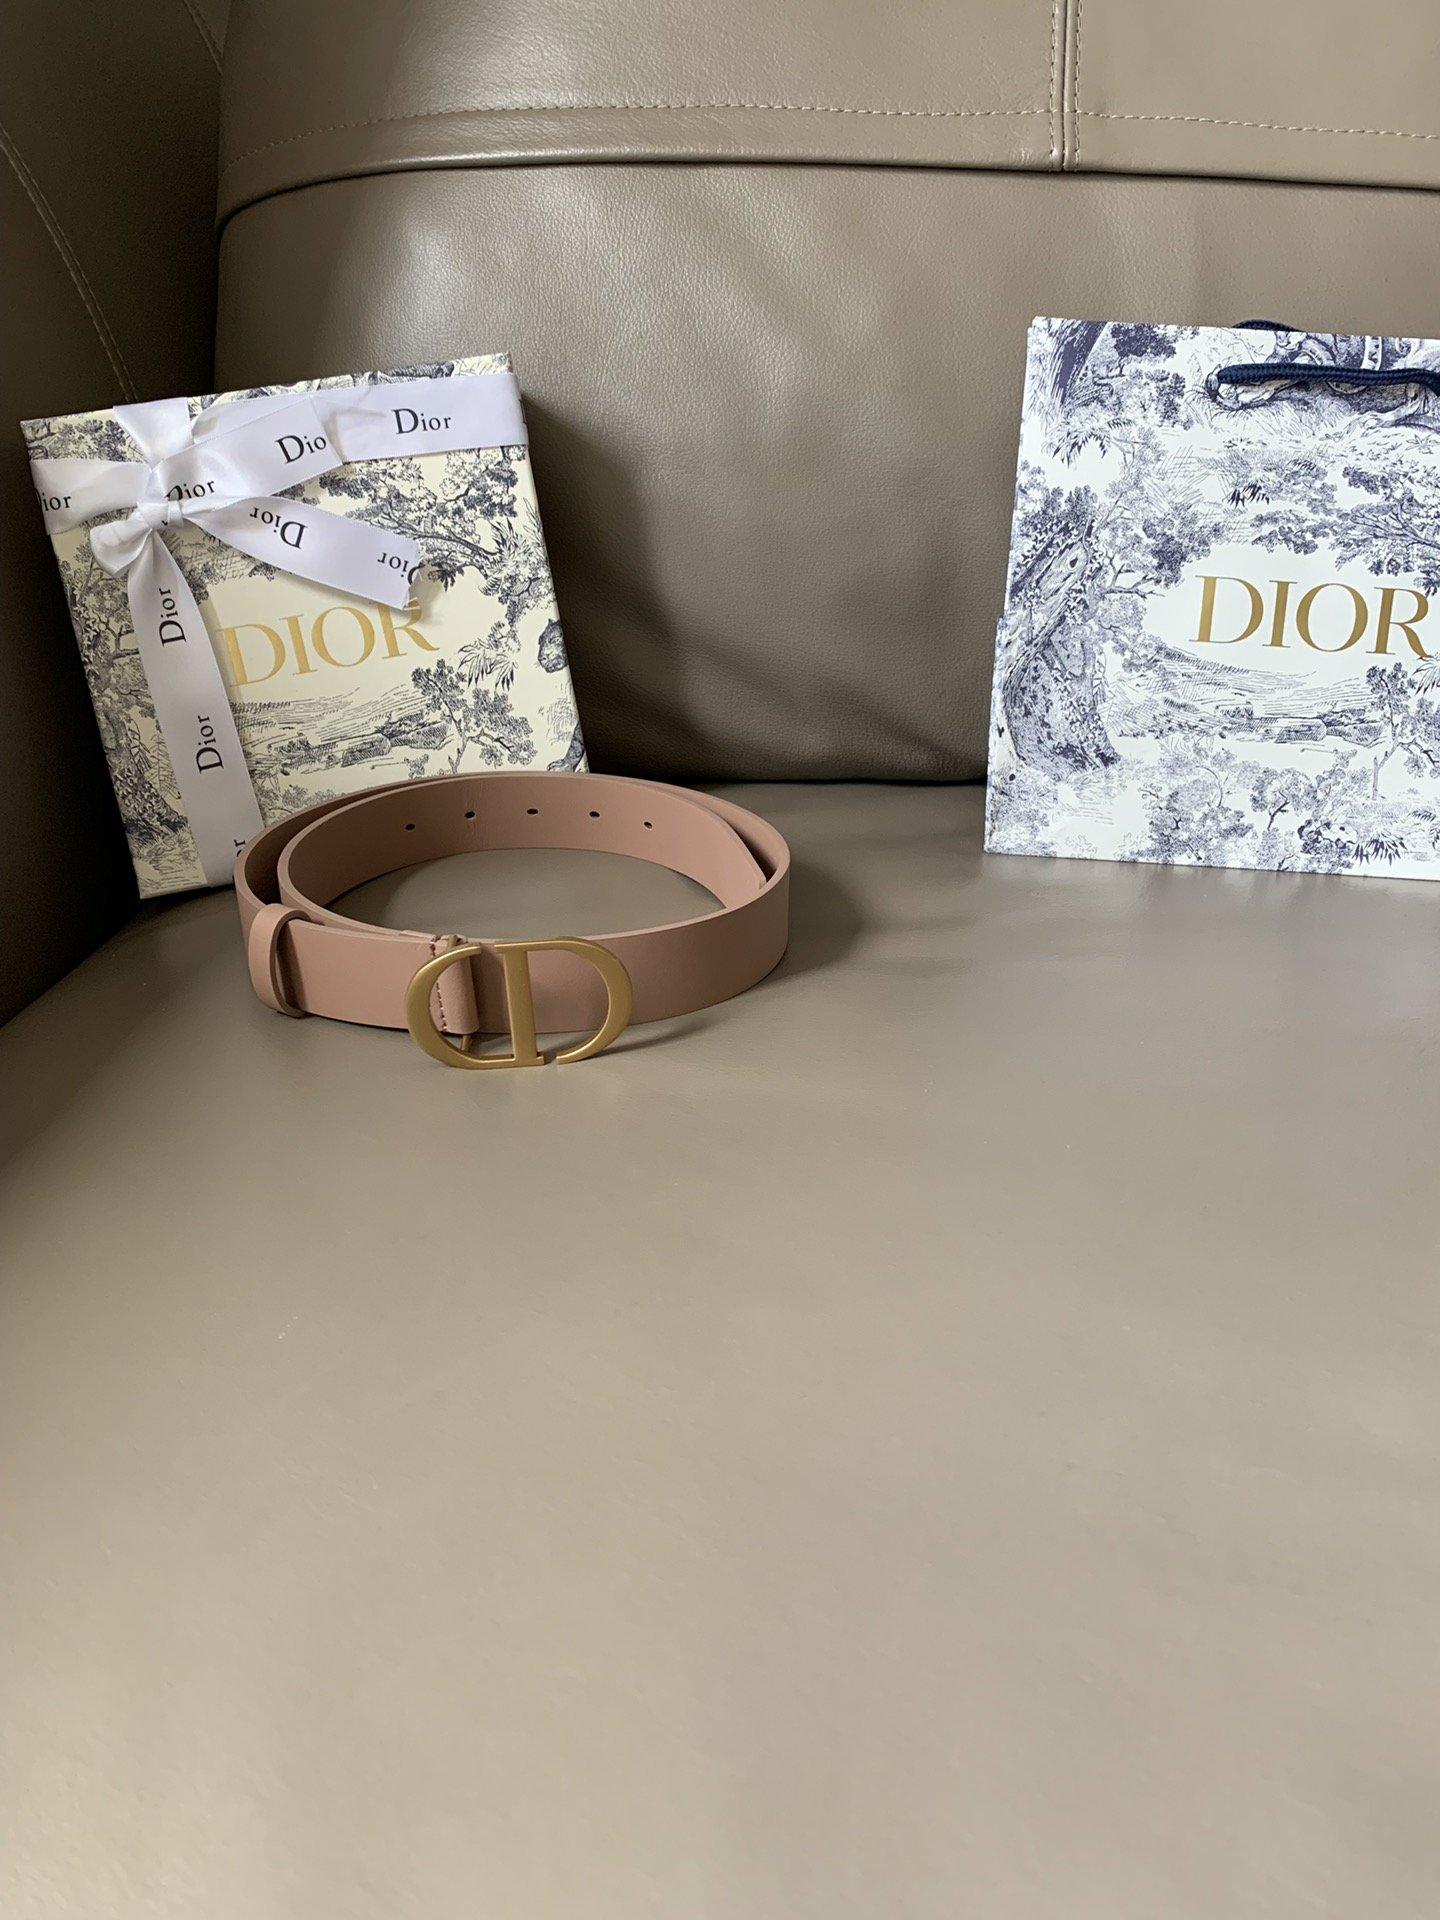 Dior新款双面意大利级顶进口头层平纹小牛皮女士腰带(图8)